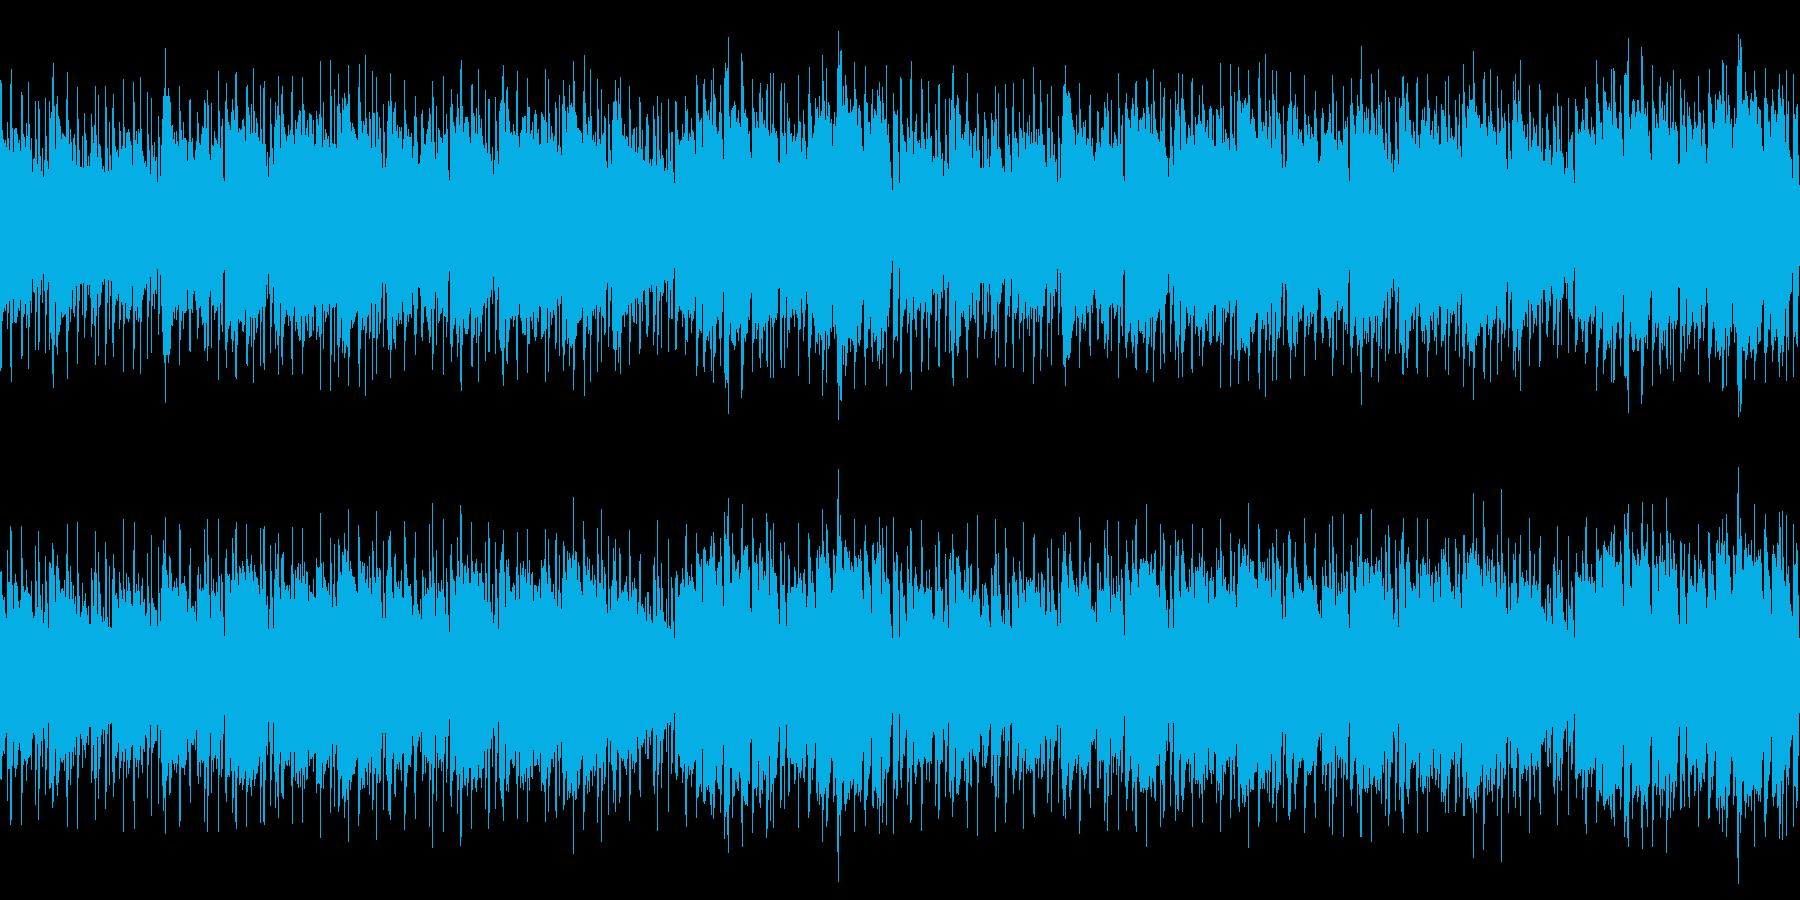 静かな場面に似合いそうなアコギ曲の再生済みの波形